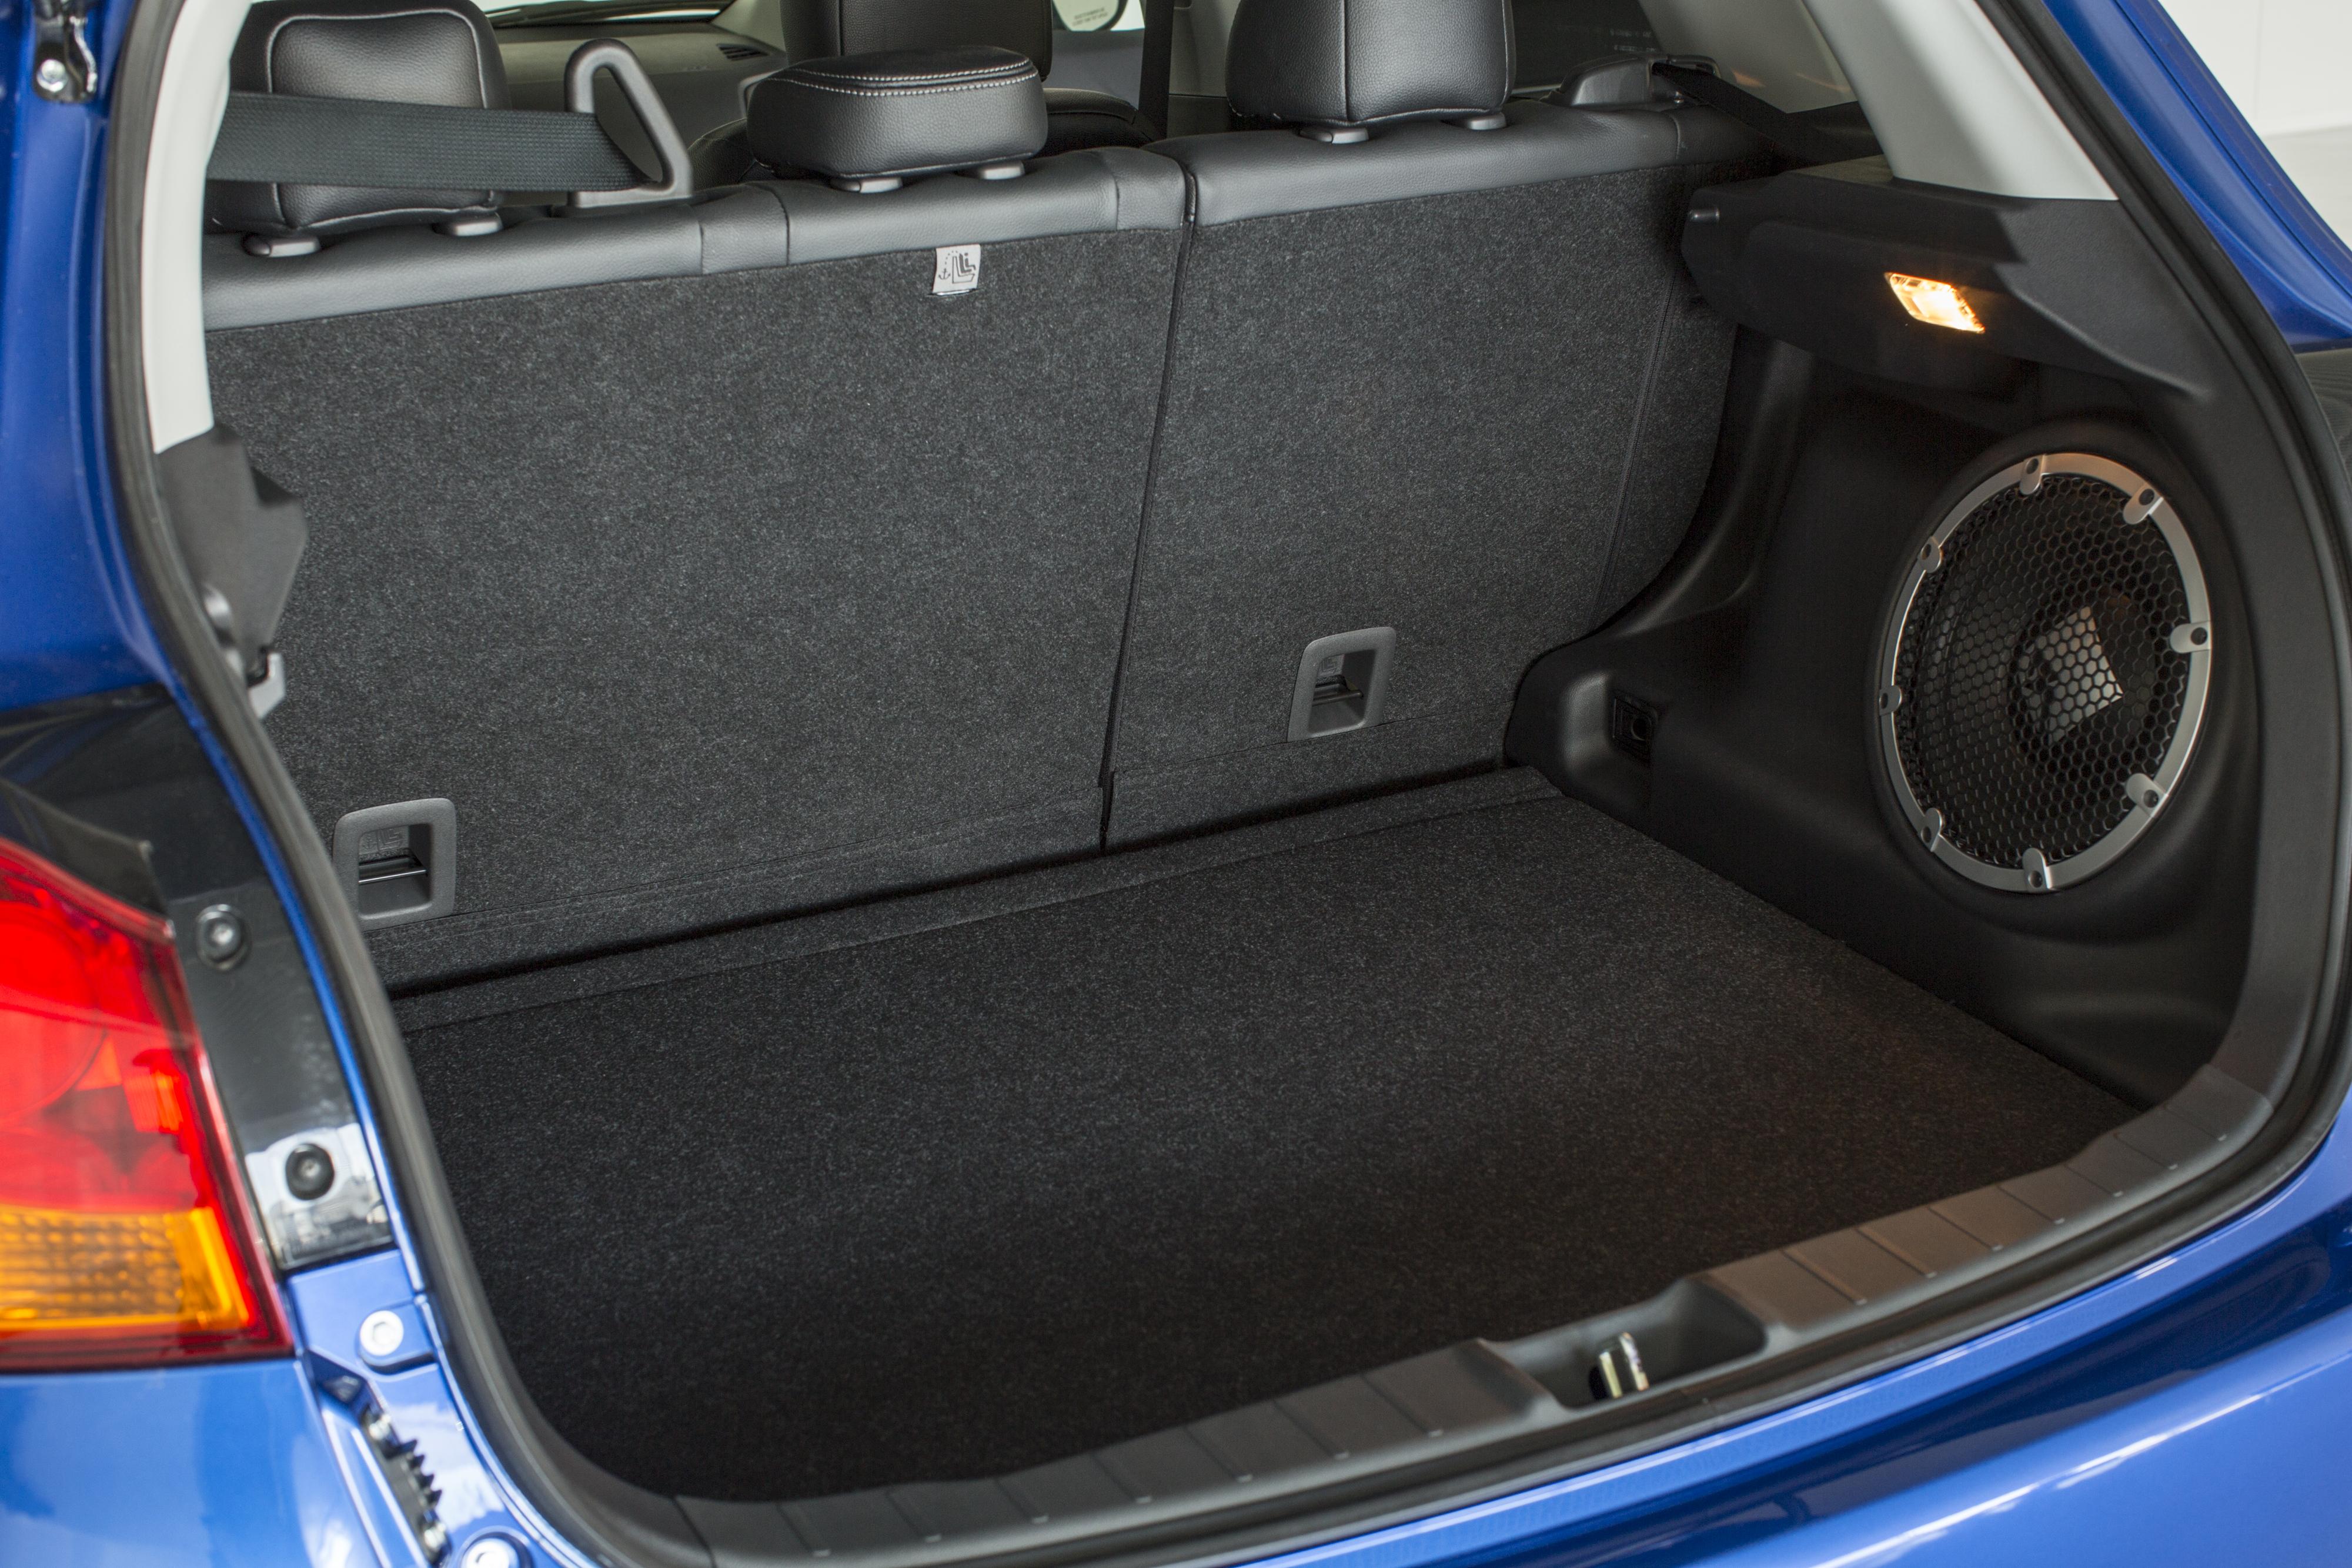 2016 Outlander Sport GT interior